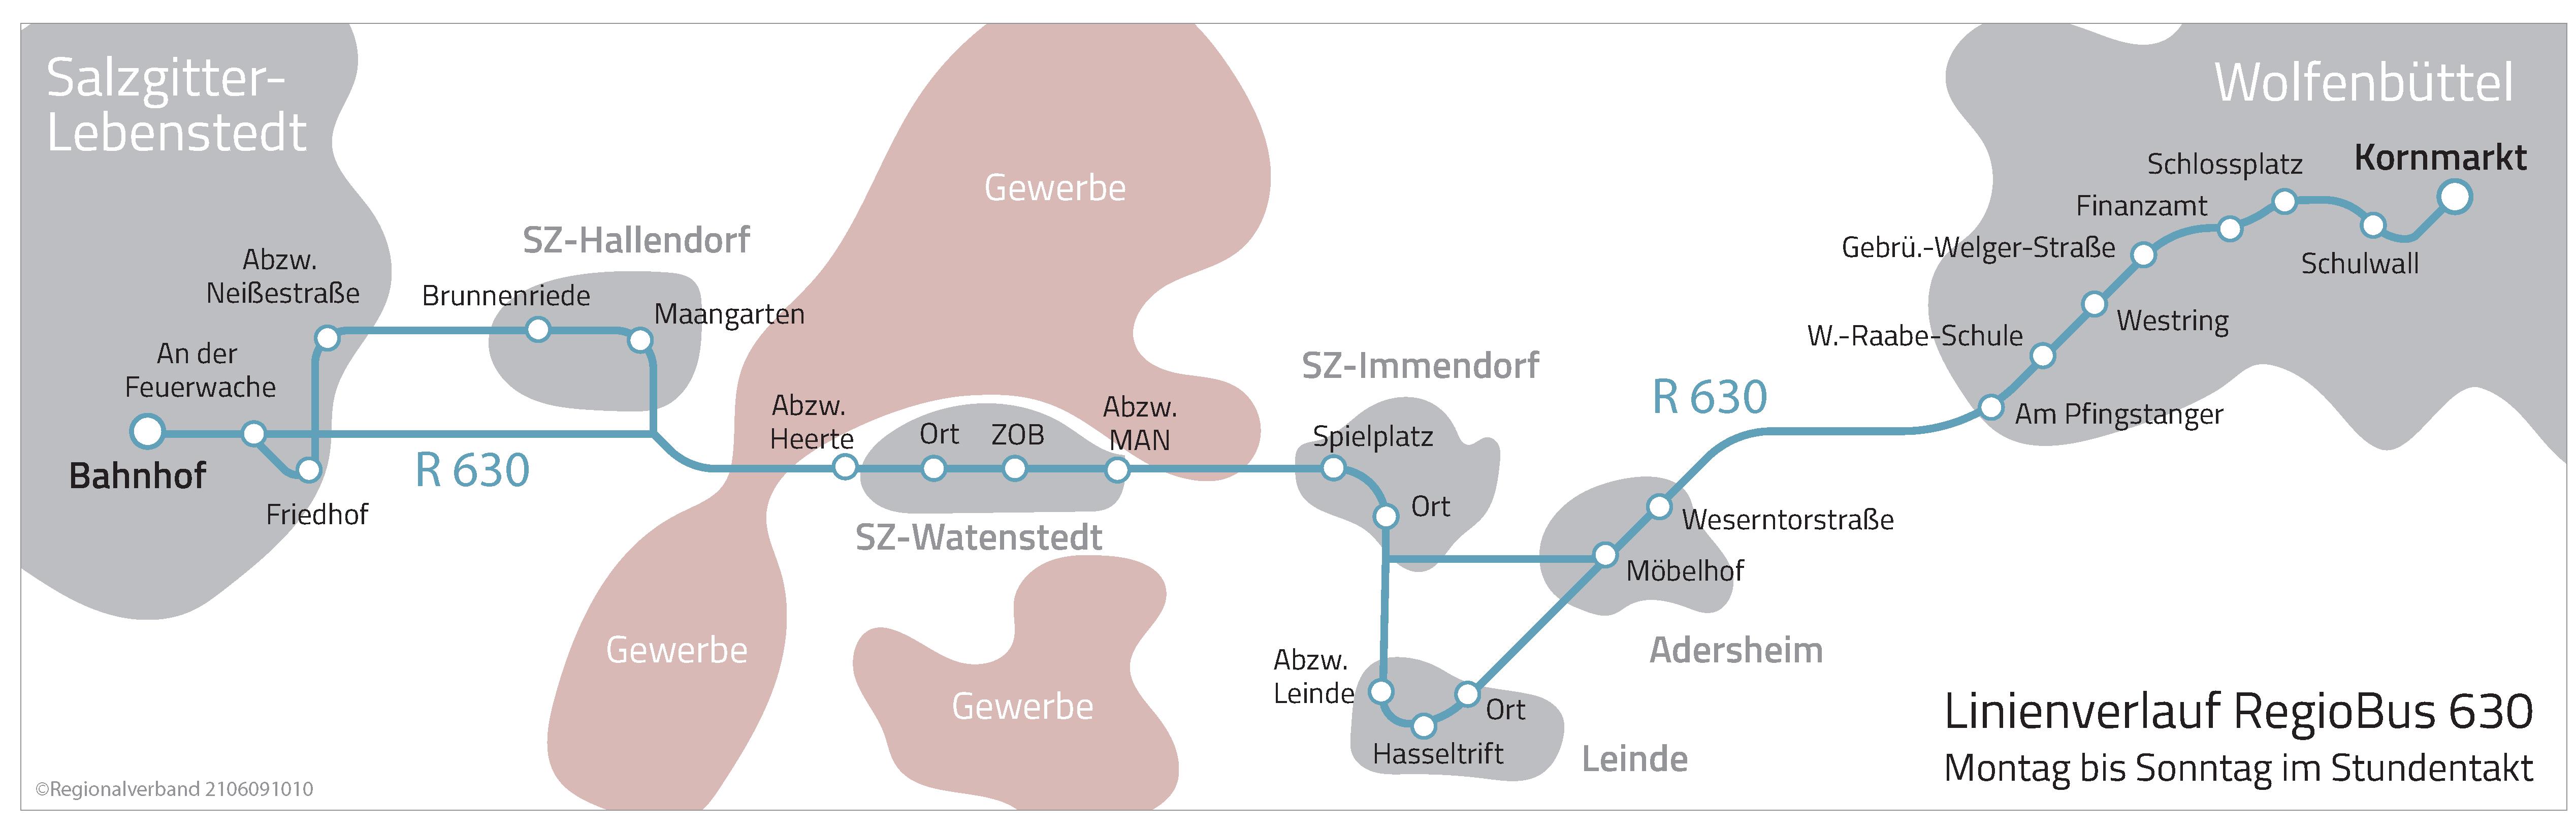 Der Linienverlauf der Regiobuslinie 630 zwischen Salzgitter Lebenstedt und Wolfenbüttel wird grafisch dargestellt. Eine Linie verbindet die Haltestellen, die von dieser Linie bedient werden.